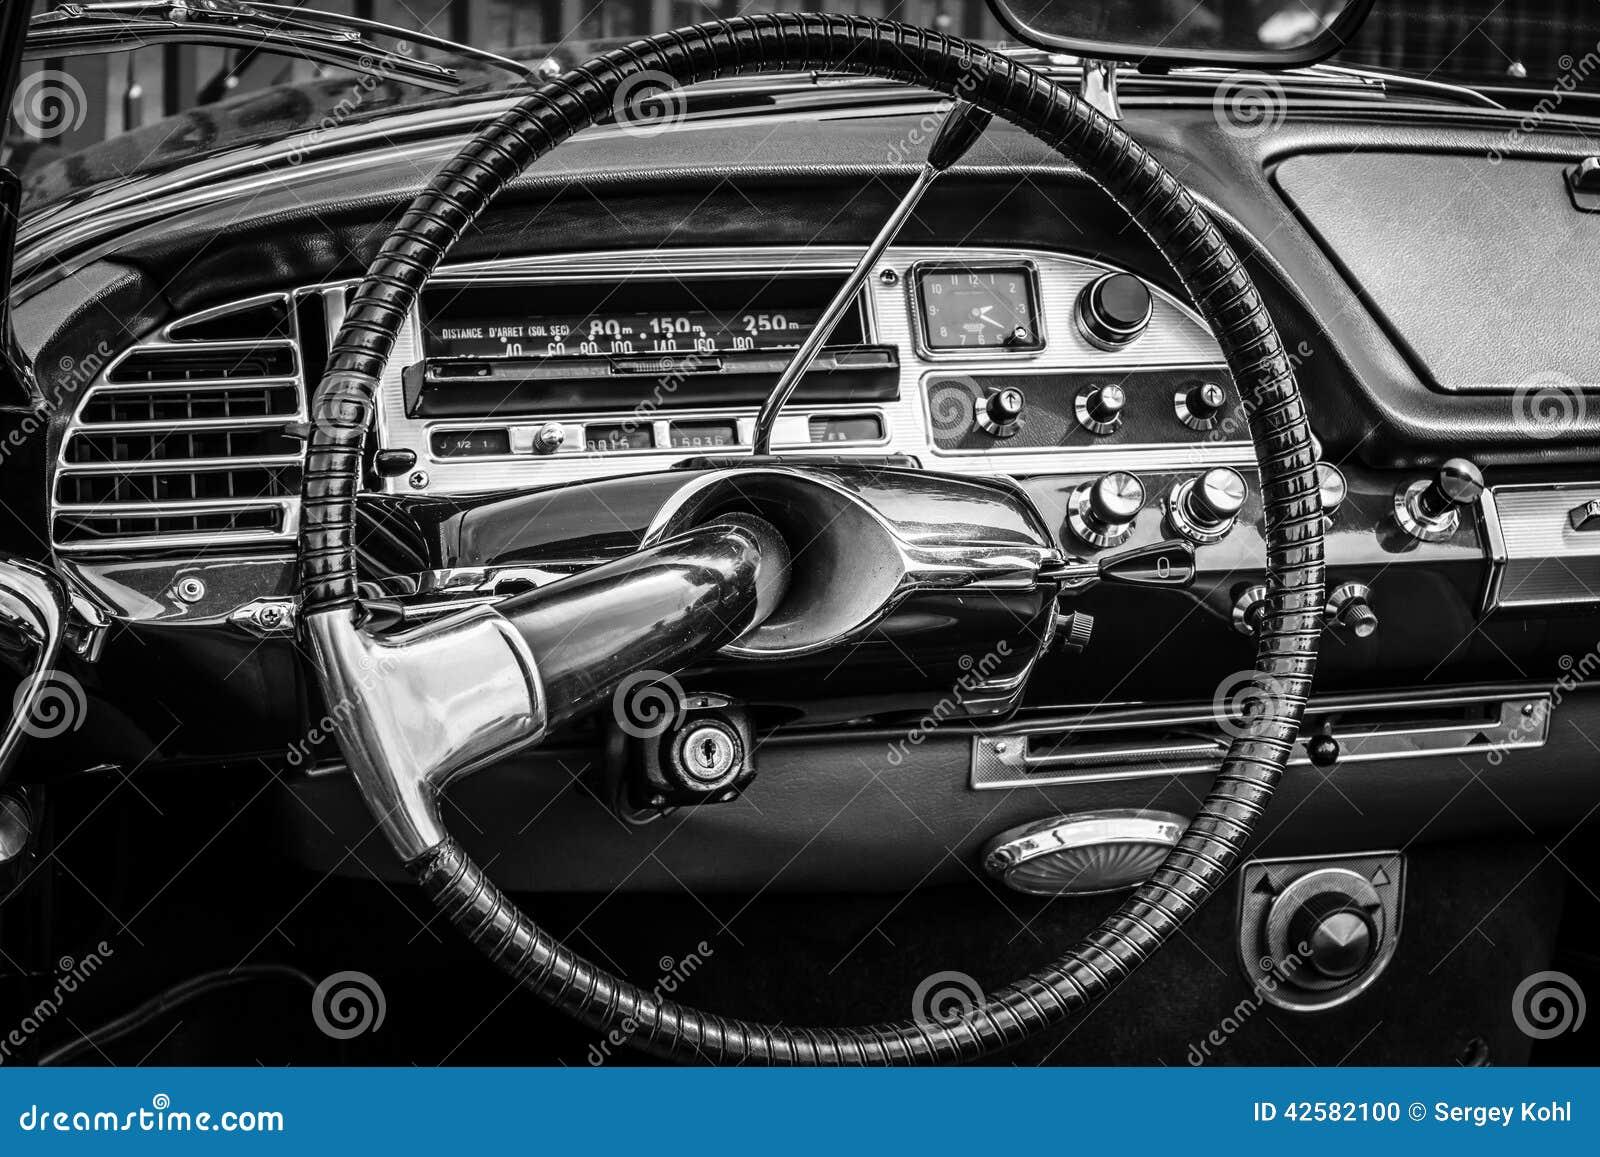 Fahrerhaus des mittelgroßen luxusautos citroen ds redaktionelles